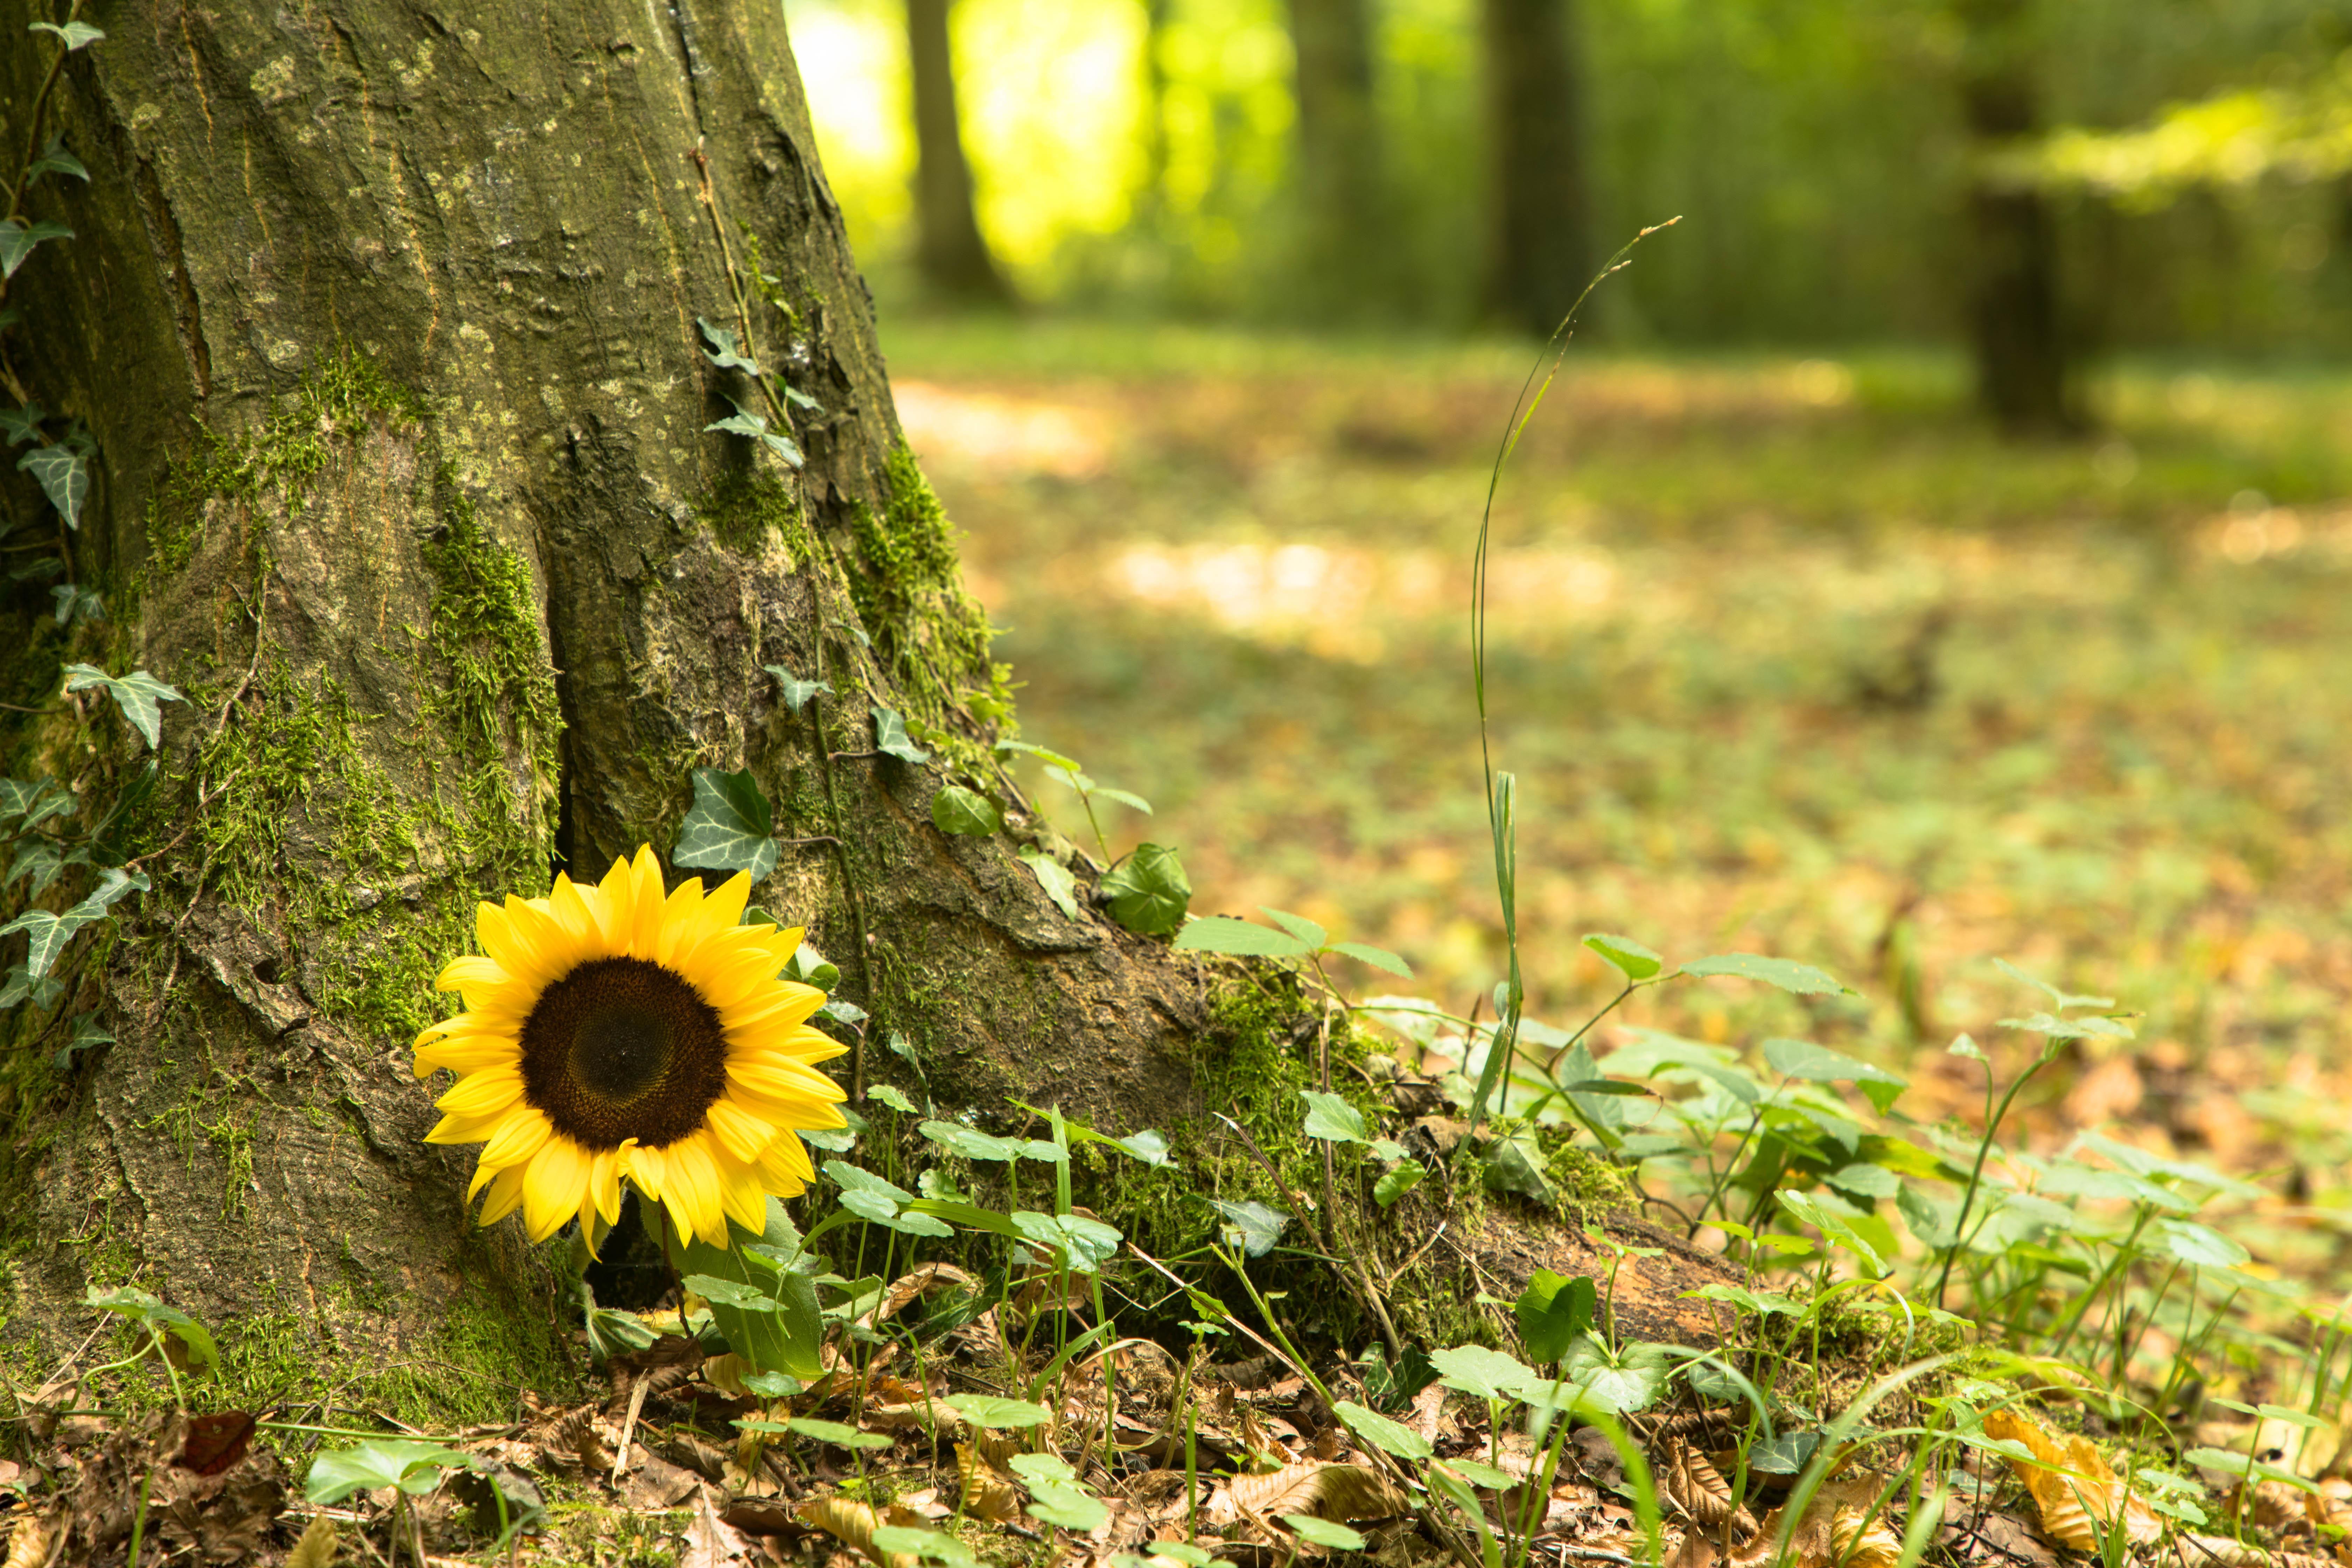 樹木葬とはどんな埋葬法?タイプやメリット、デメリットをご紹介のサムネイル画像